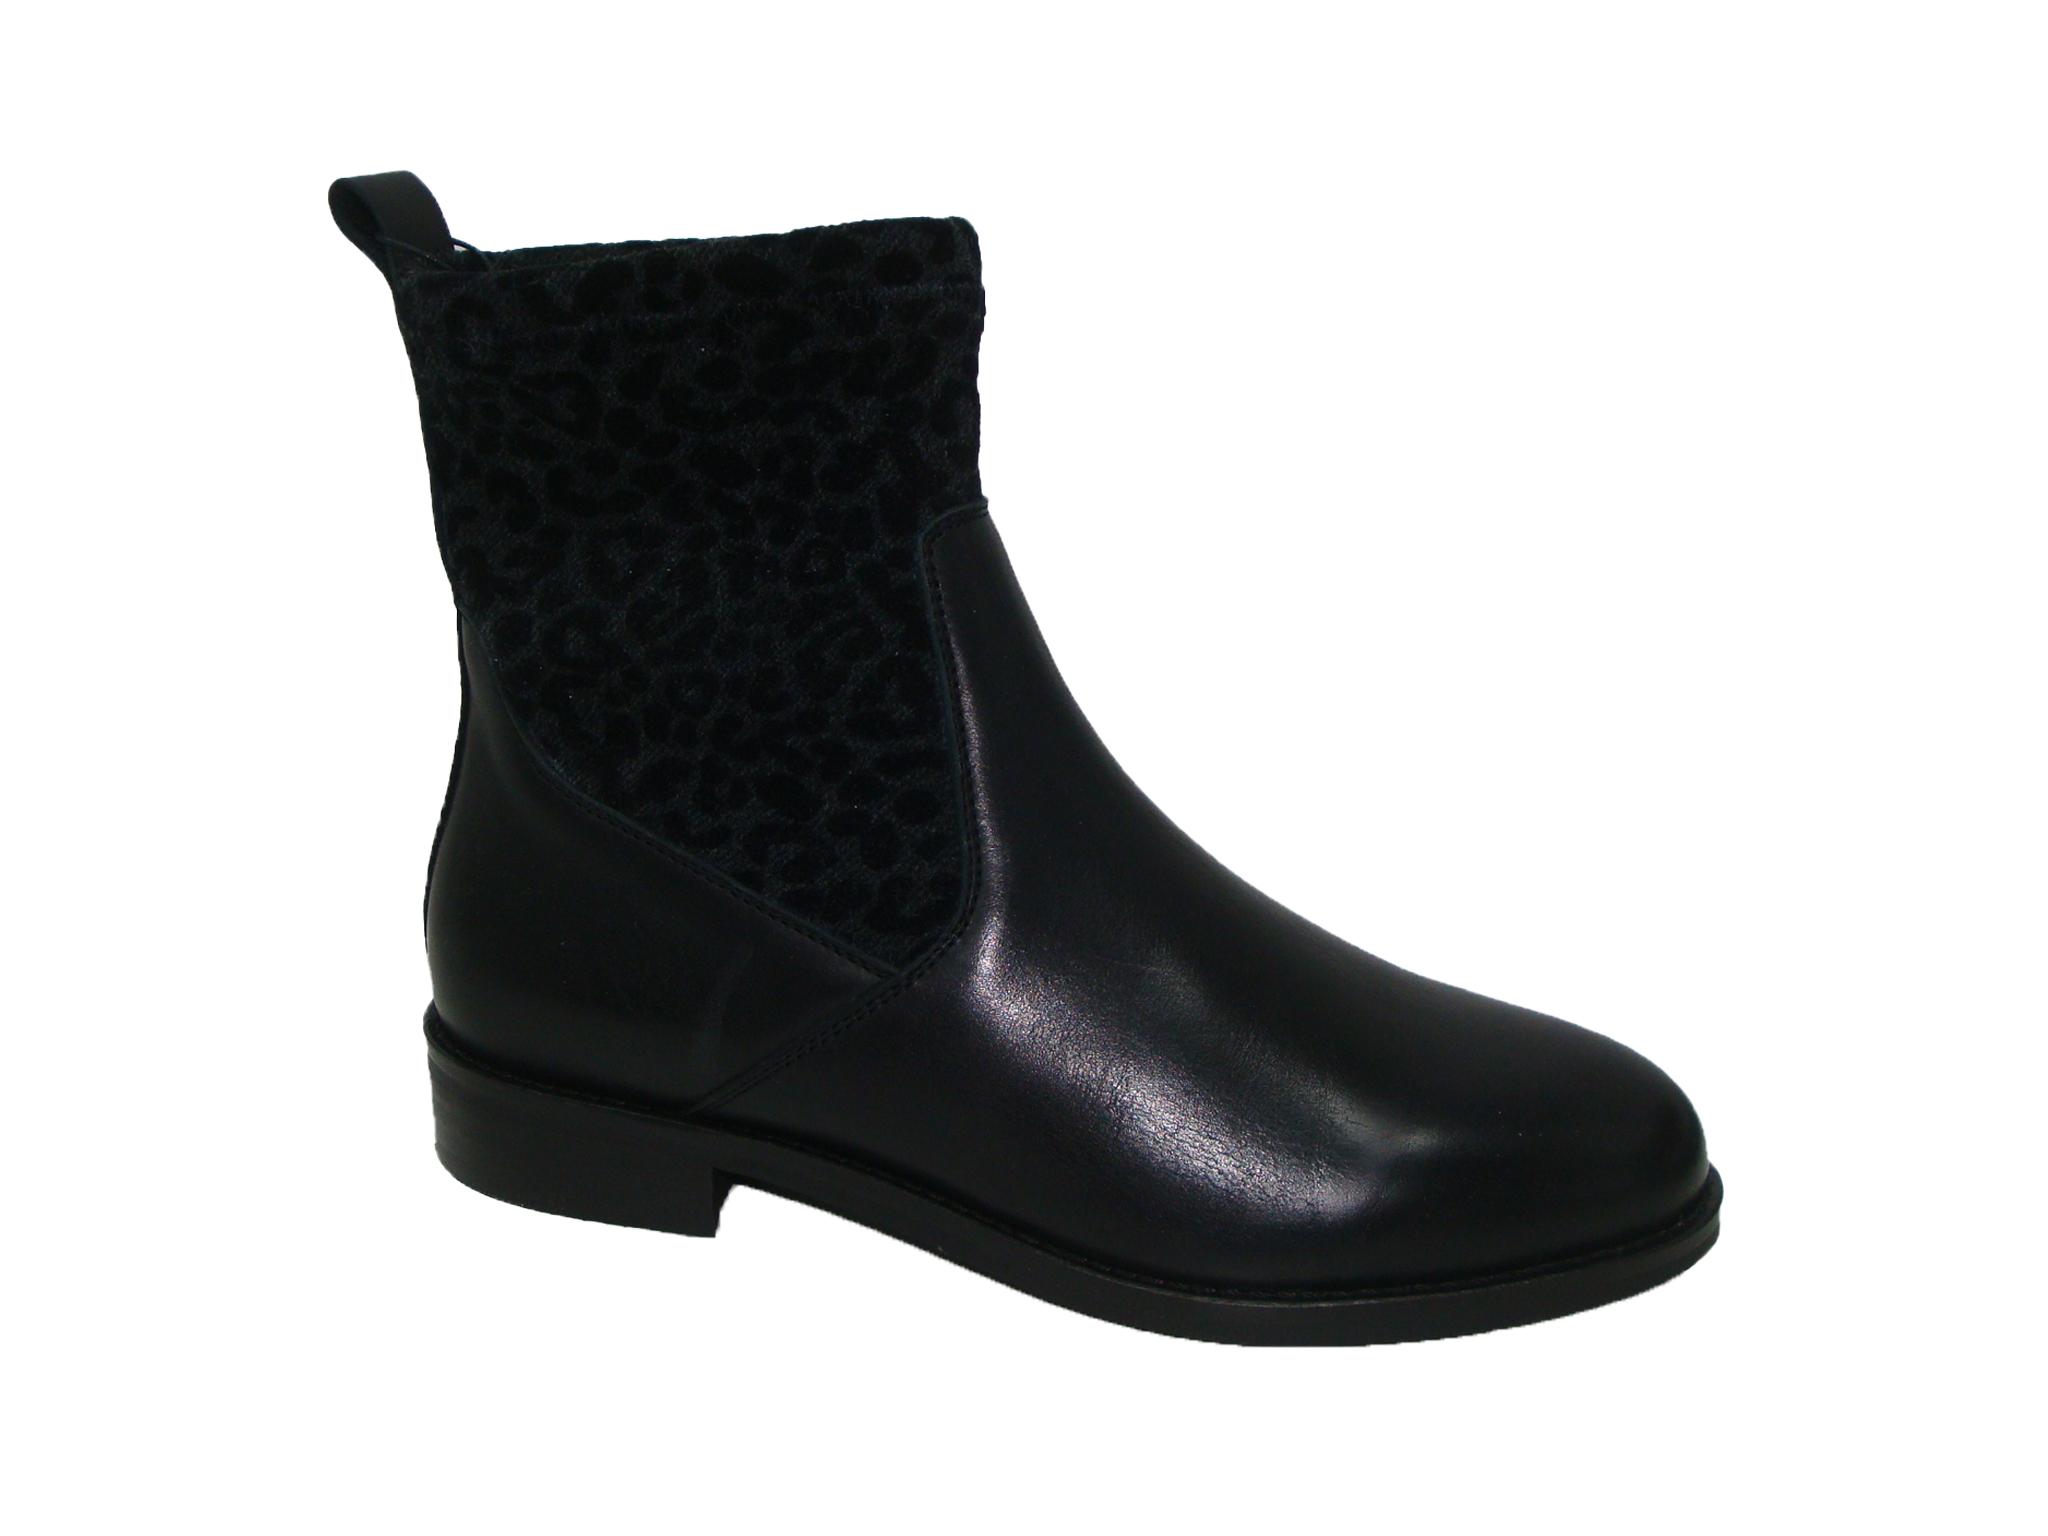 Nordstrand 2048 støvle, black, 40